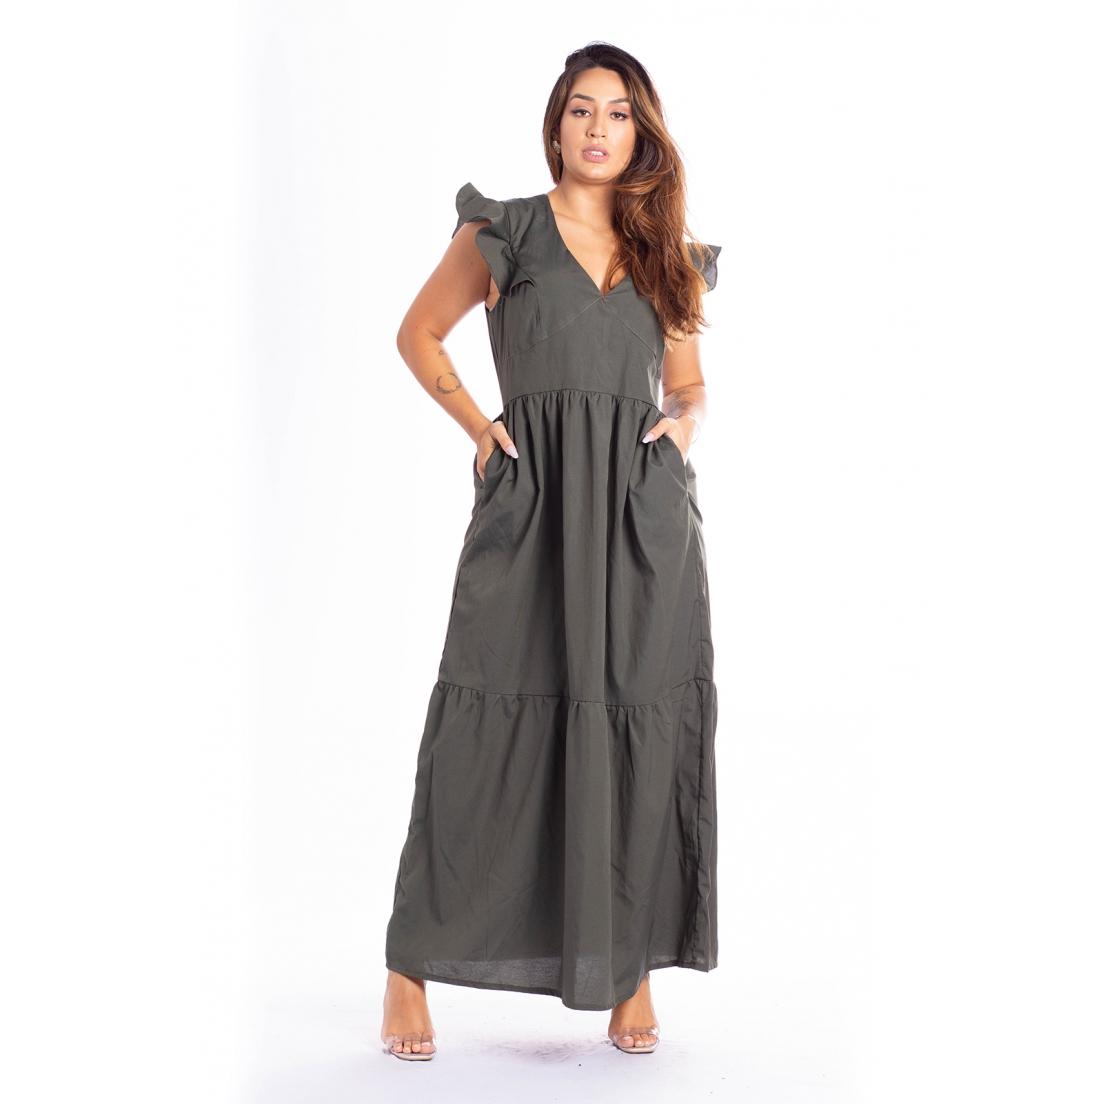 Vestido Longo c/ Babados - 30077Militar